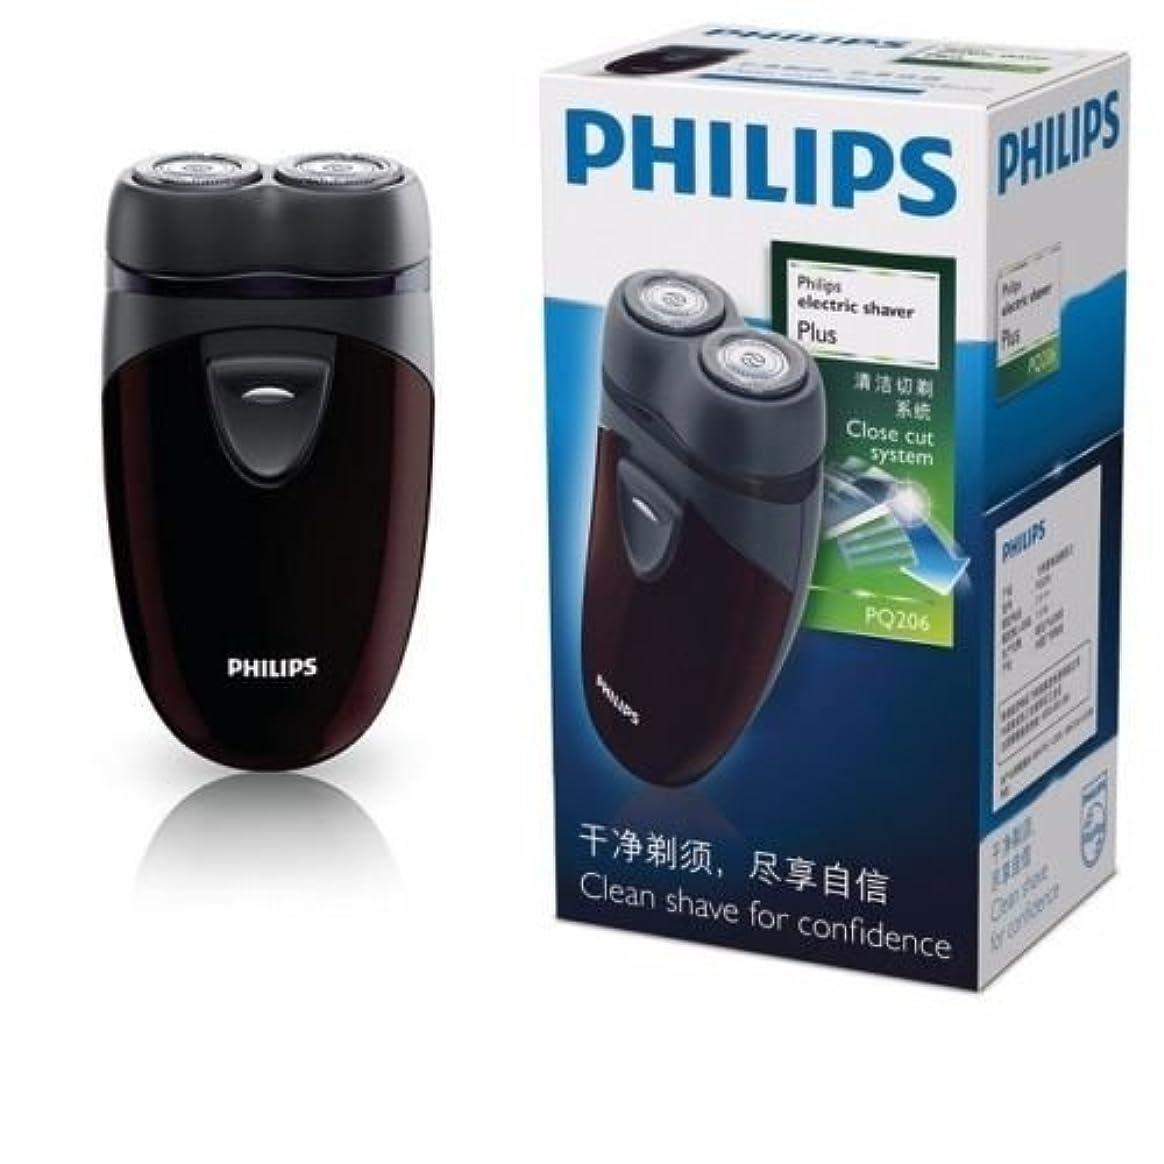 作曲する保存パールPhilips PQ206 電気シェーバーのバッテリーは持ち運びに便利パワード [並行輸入品]